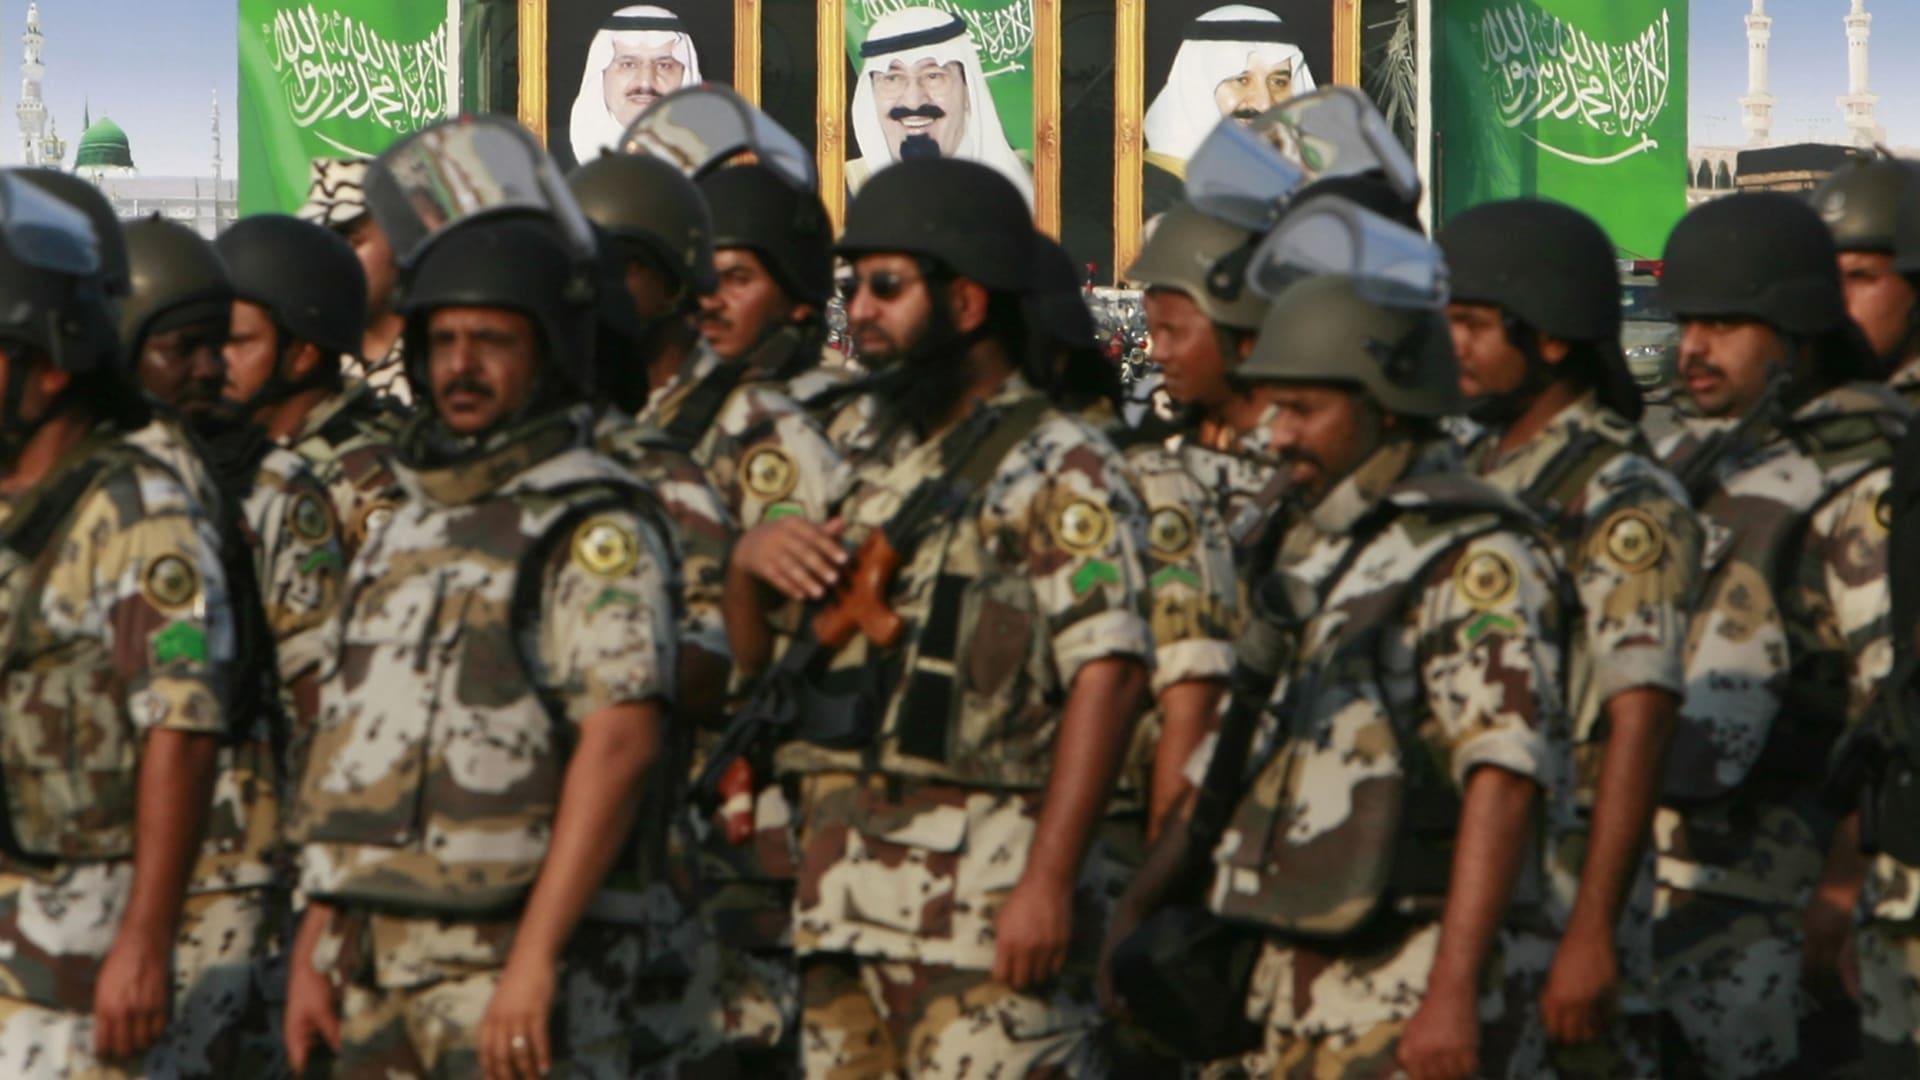 حصريا على CNN: السعودية وحلفاؤها يحشدون عشرات آلاف الجنود للتدخل في سوريا.. وتركيا بوابة العملية